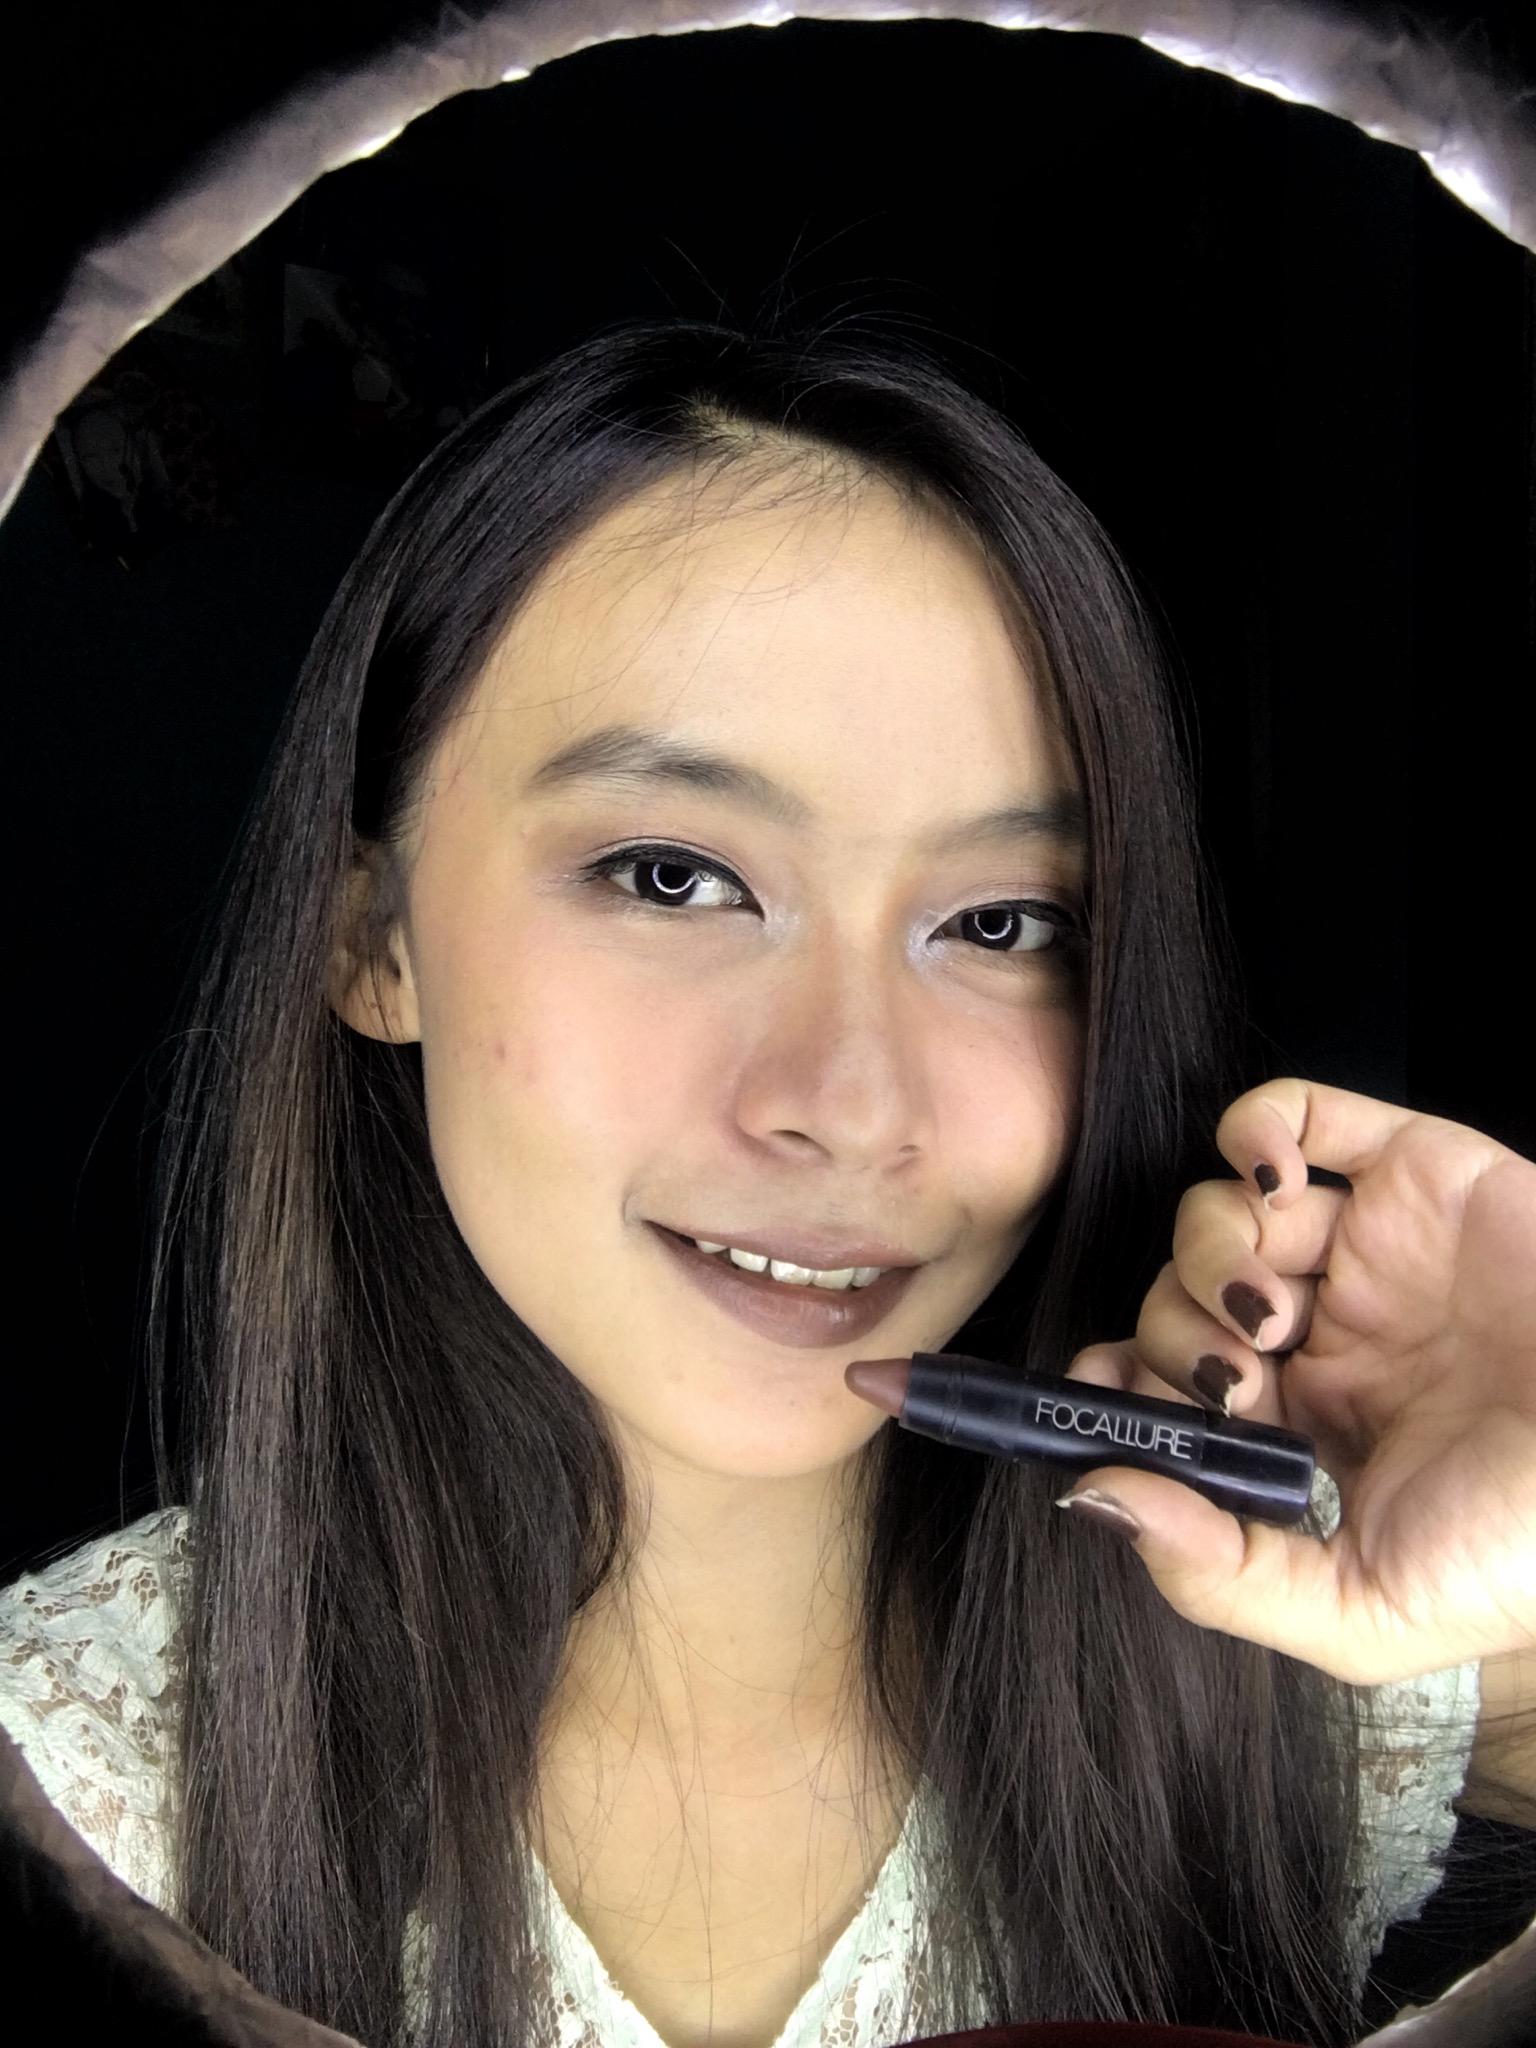 gambar review ke-2 untuk Focallure Lipstick Matte